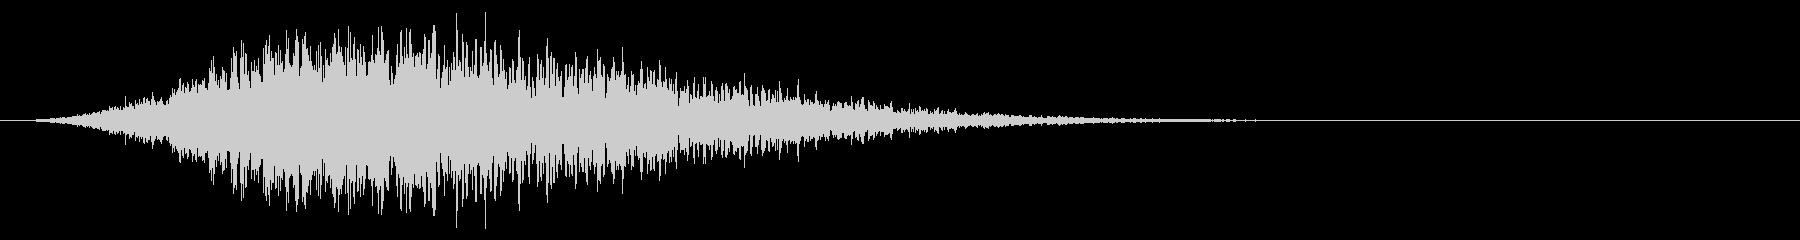 Shimmerによるフィードバック...の未再生の波形